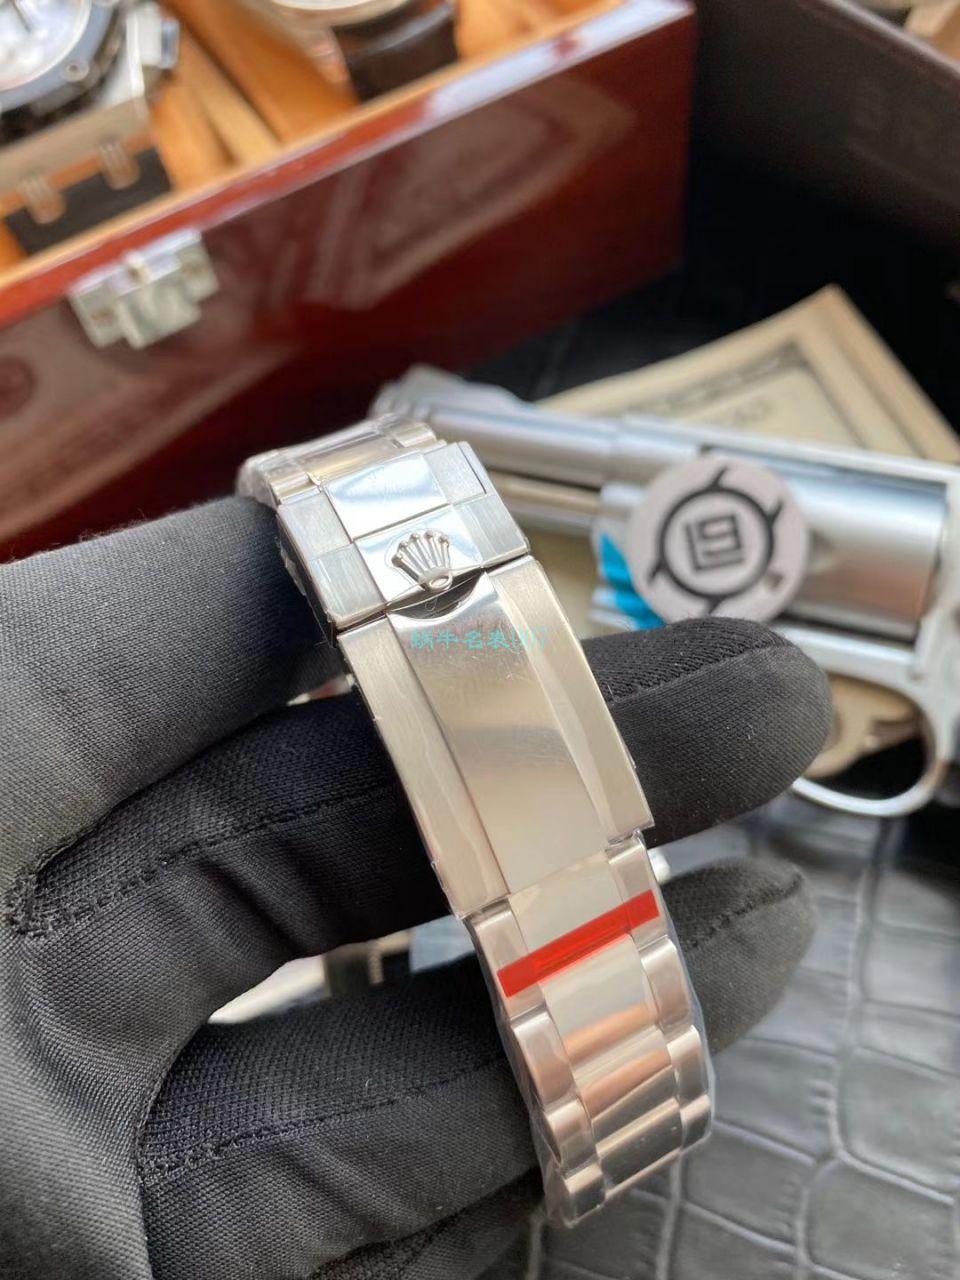 V9厂官网复刻手表劳力士格林尼治型II系列116710BLNR-78200腕表(可乐圈)